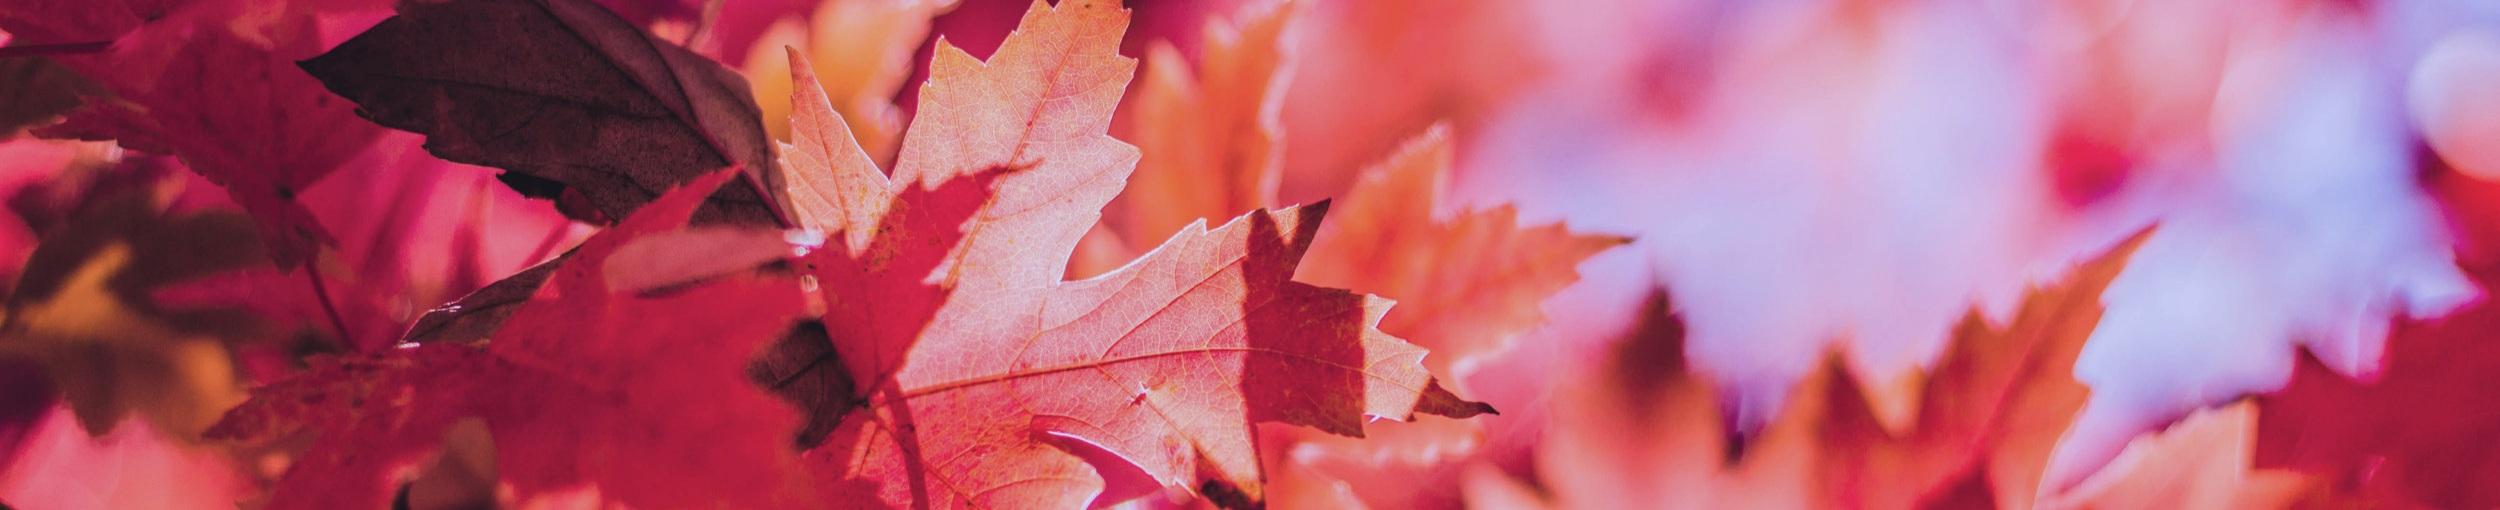 Red autumn -